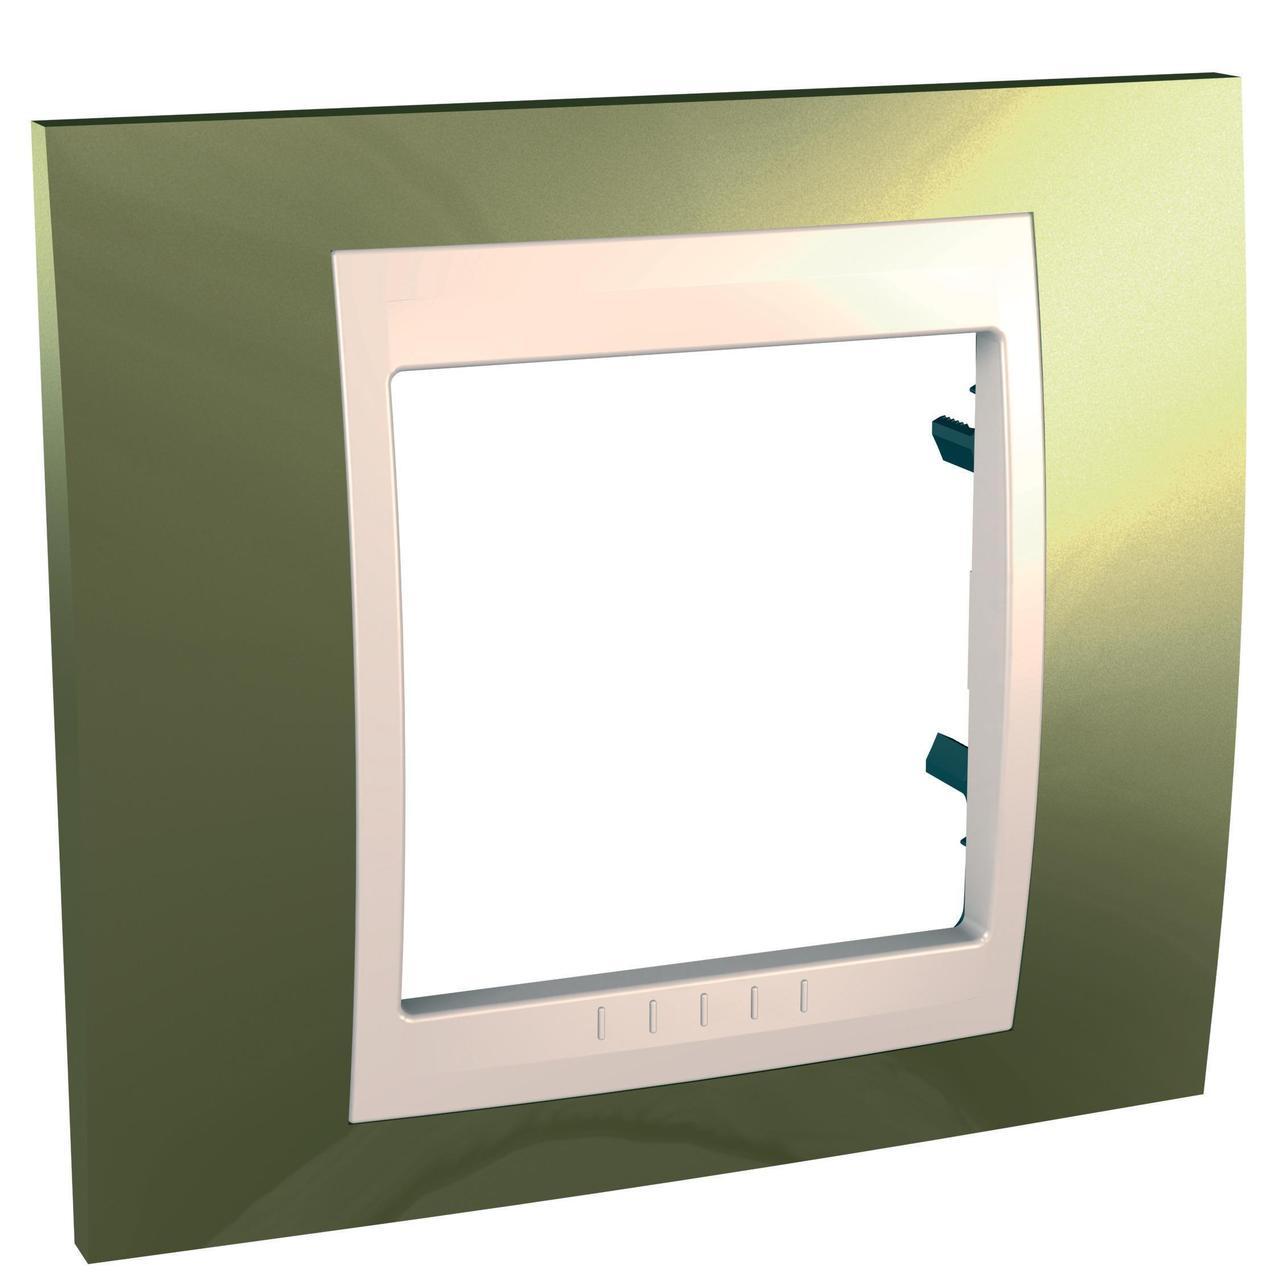 Рамка 1-ая (одинарная), Золото/Бежевый (пластик), серия Unica, Schneider Electric